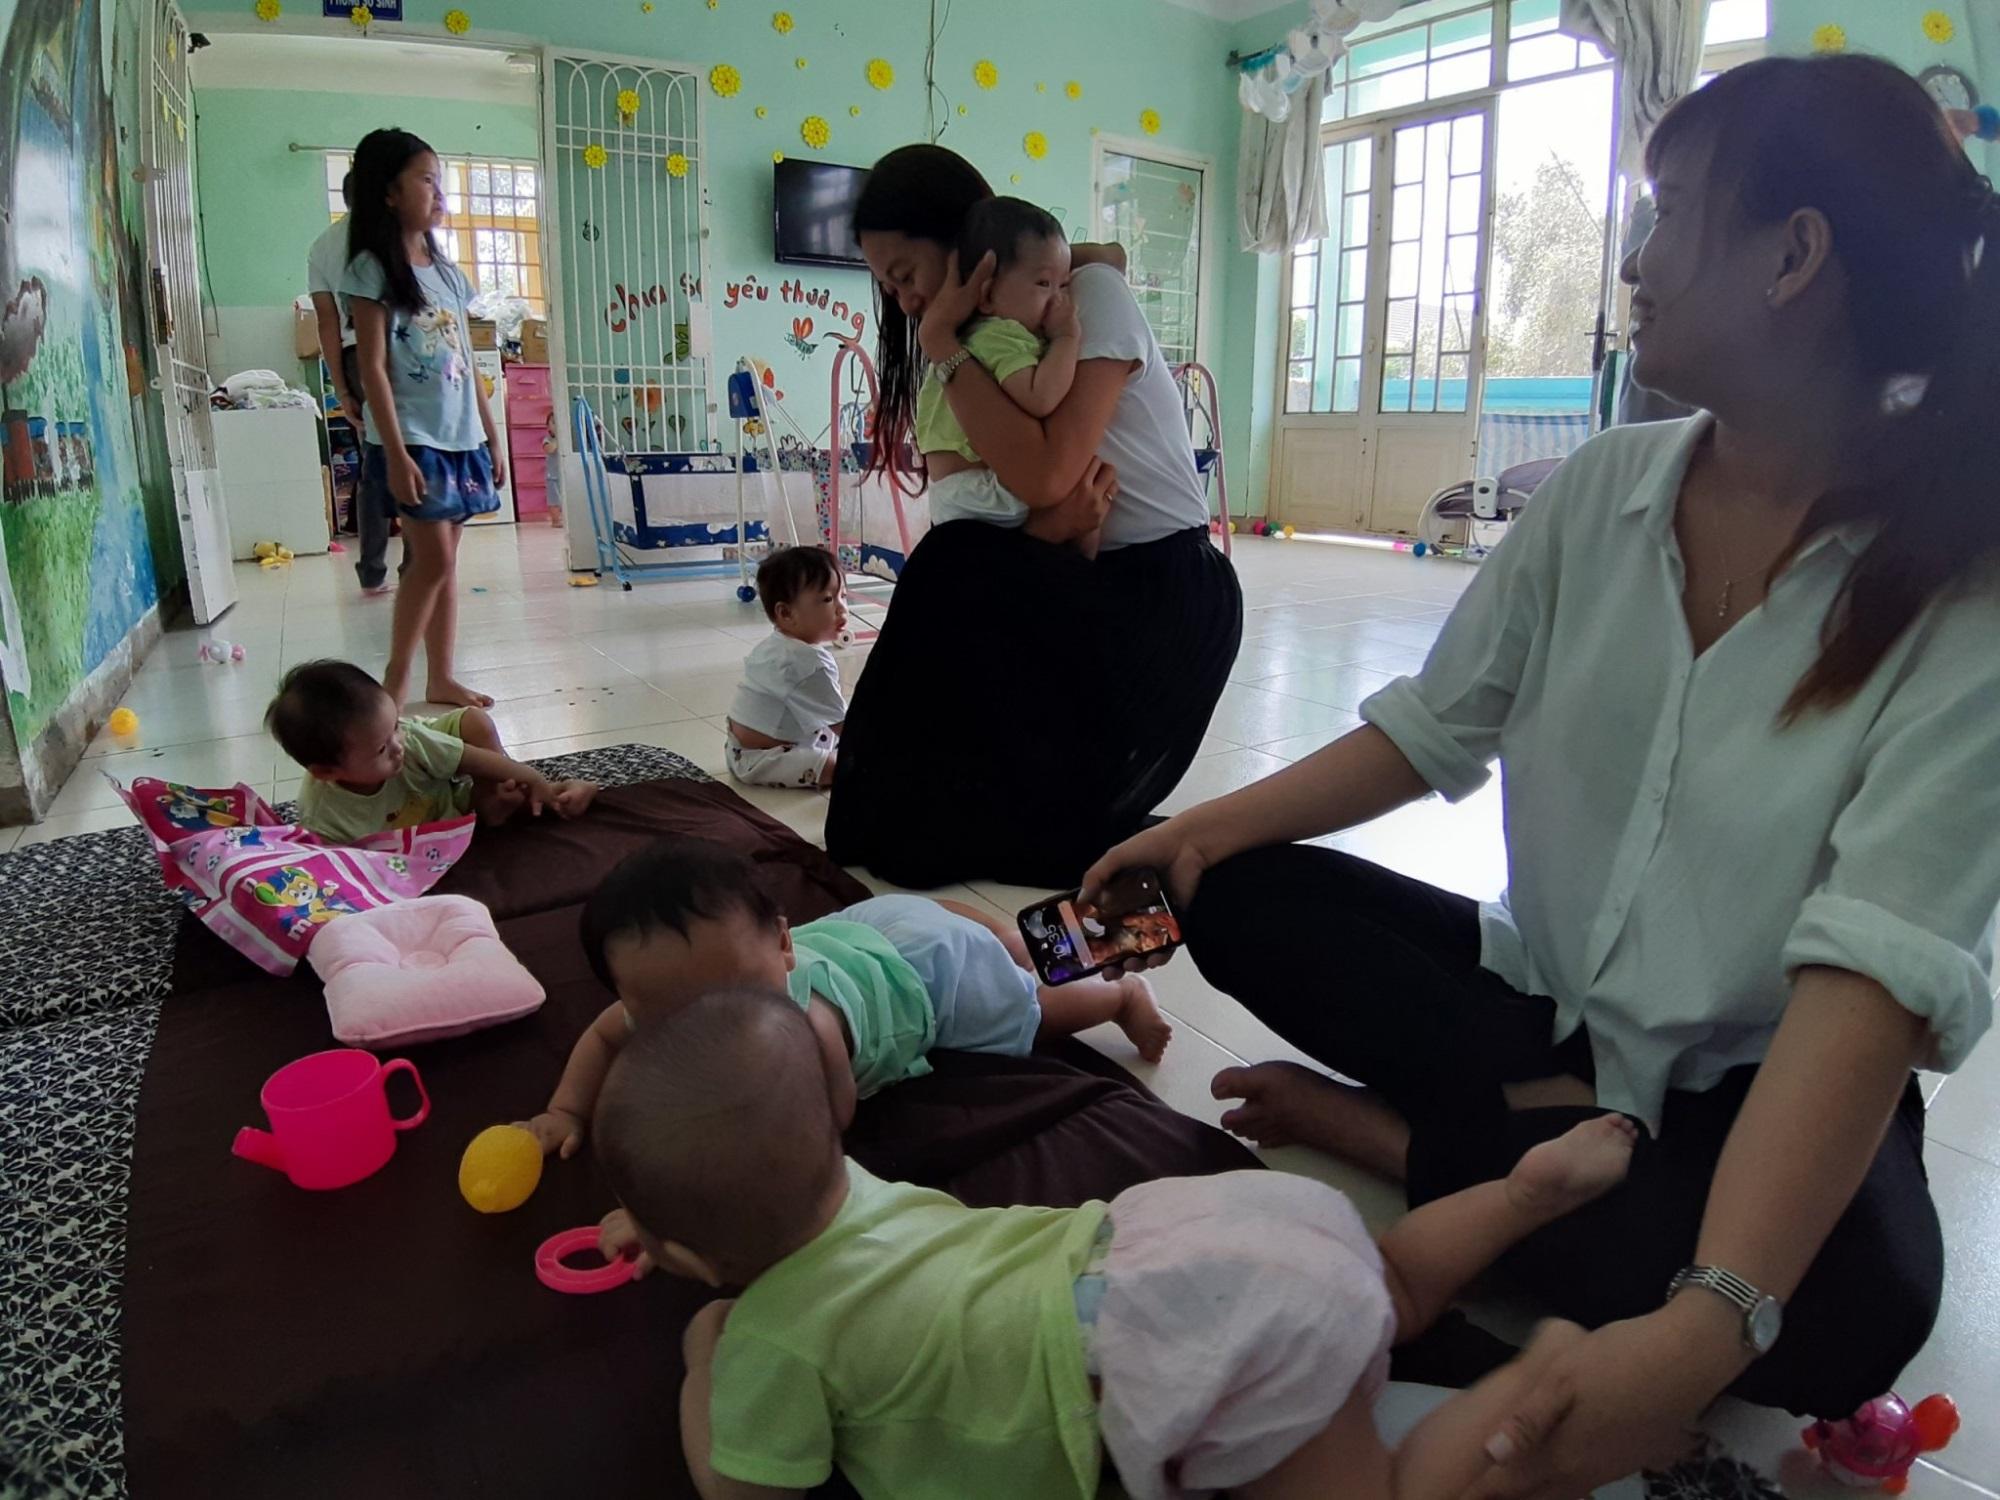 Chuỗi chương trình từ thiện 3 ngày của Hội đá ốp lát Sài Gòn kỷ niệm 10 năm thành lập - Ảnh 11